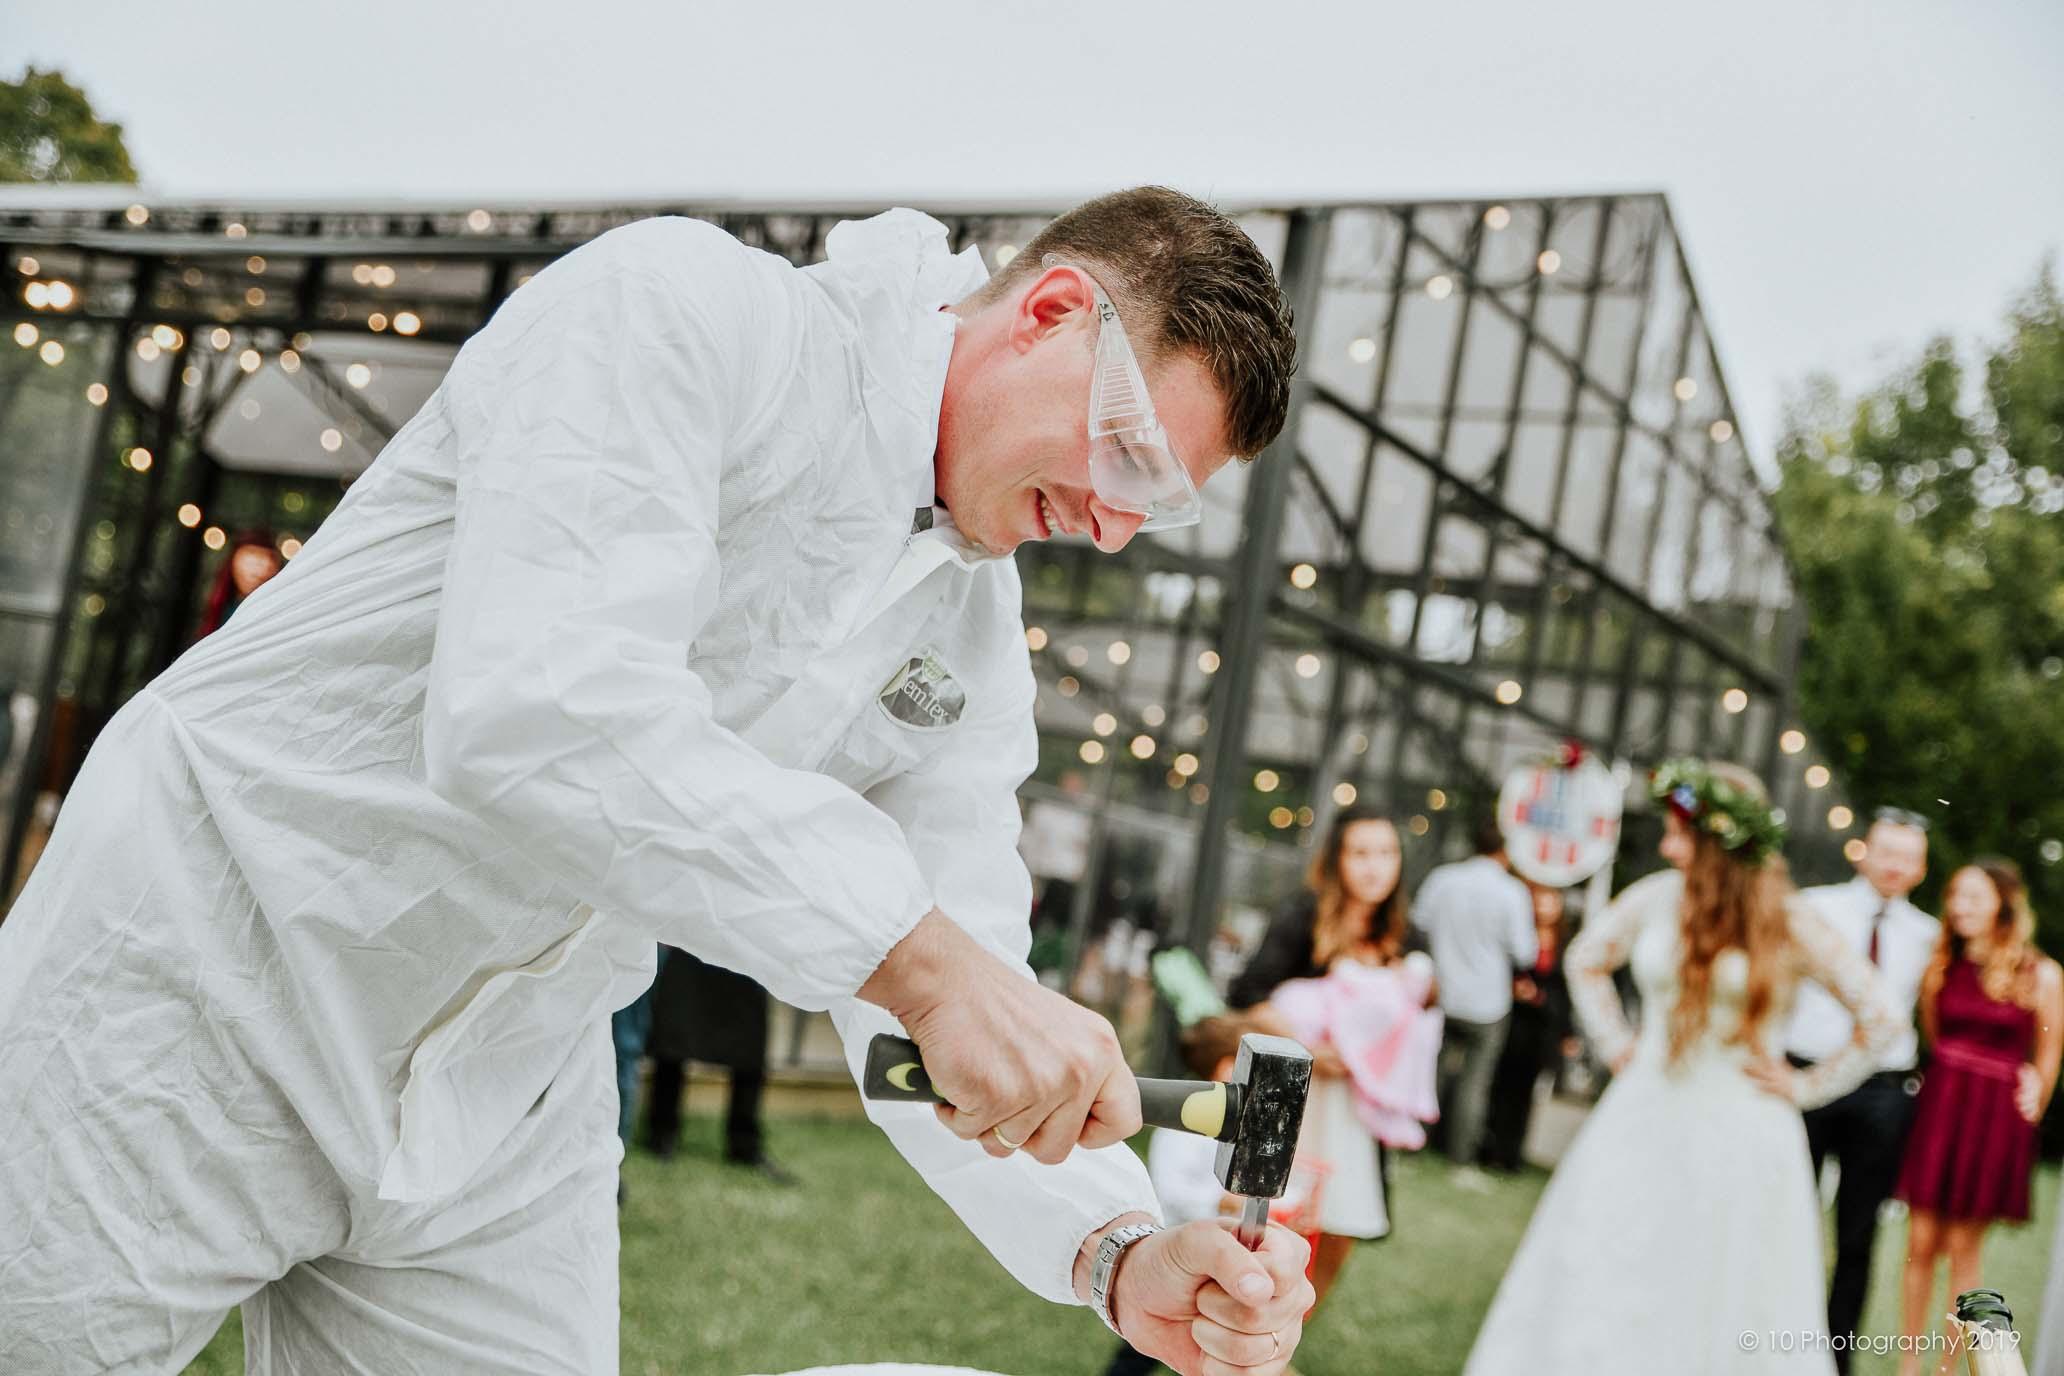 giochi Matrimonio autunnale boho chic a Modena